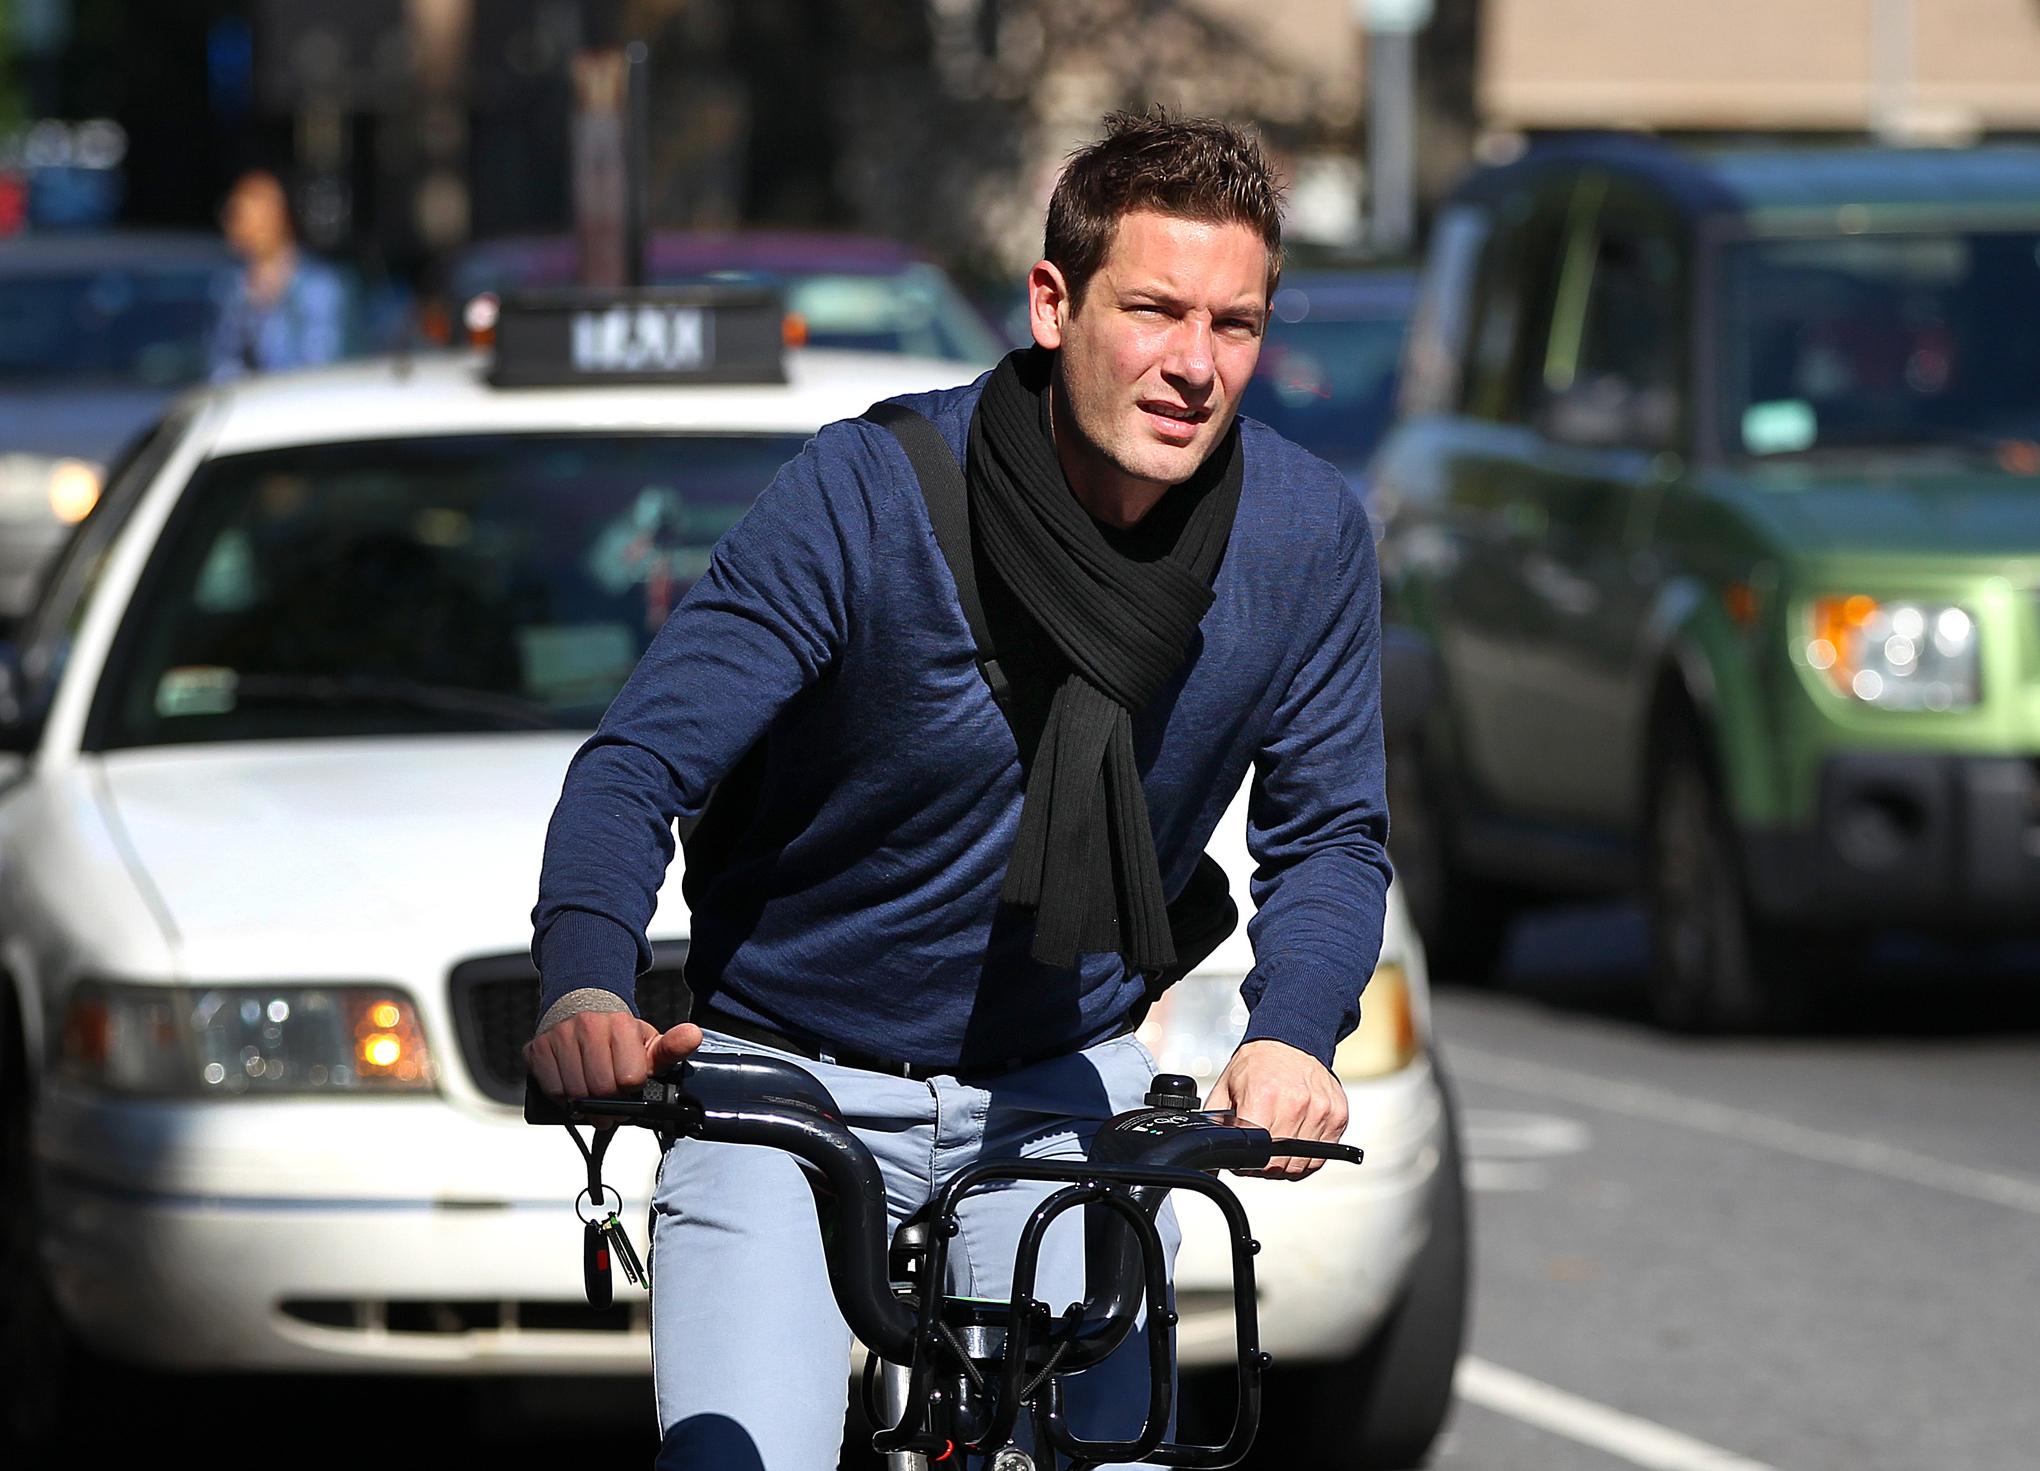 Stop forcing people to wear bike helmets